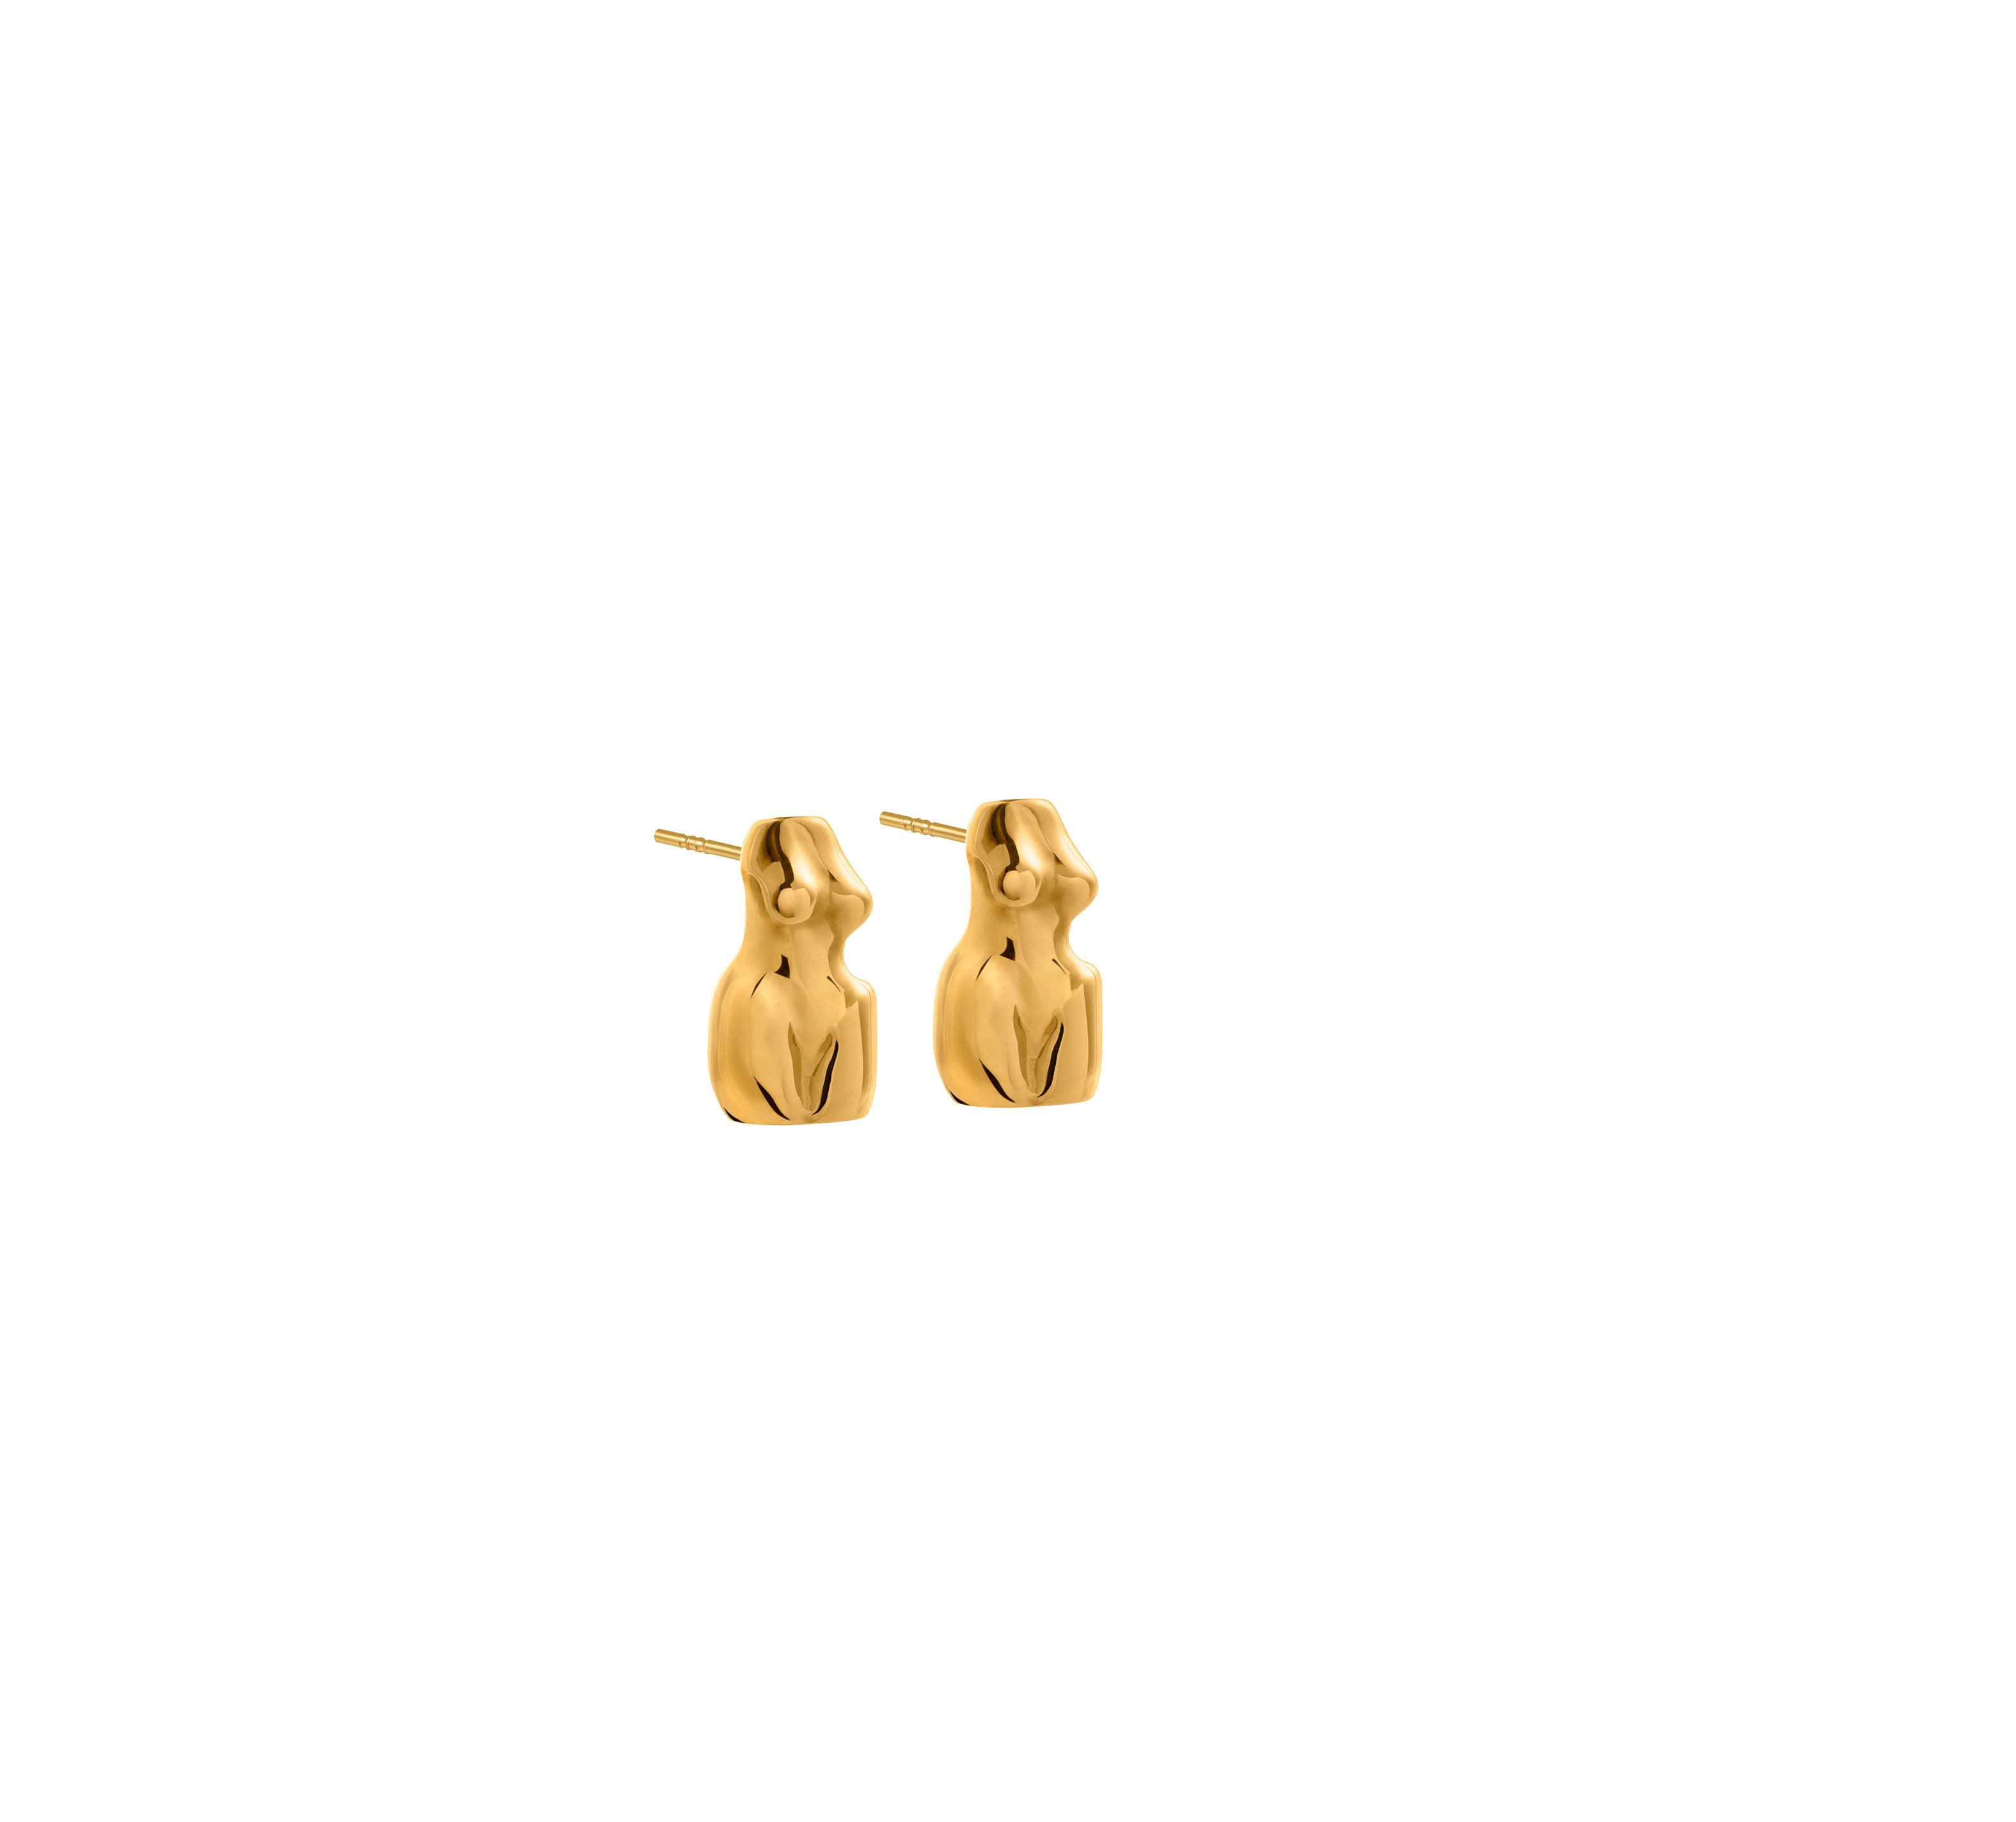 woman earrings 3D/gold